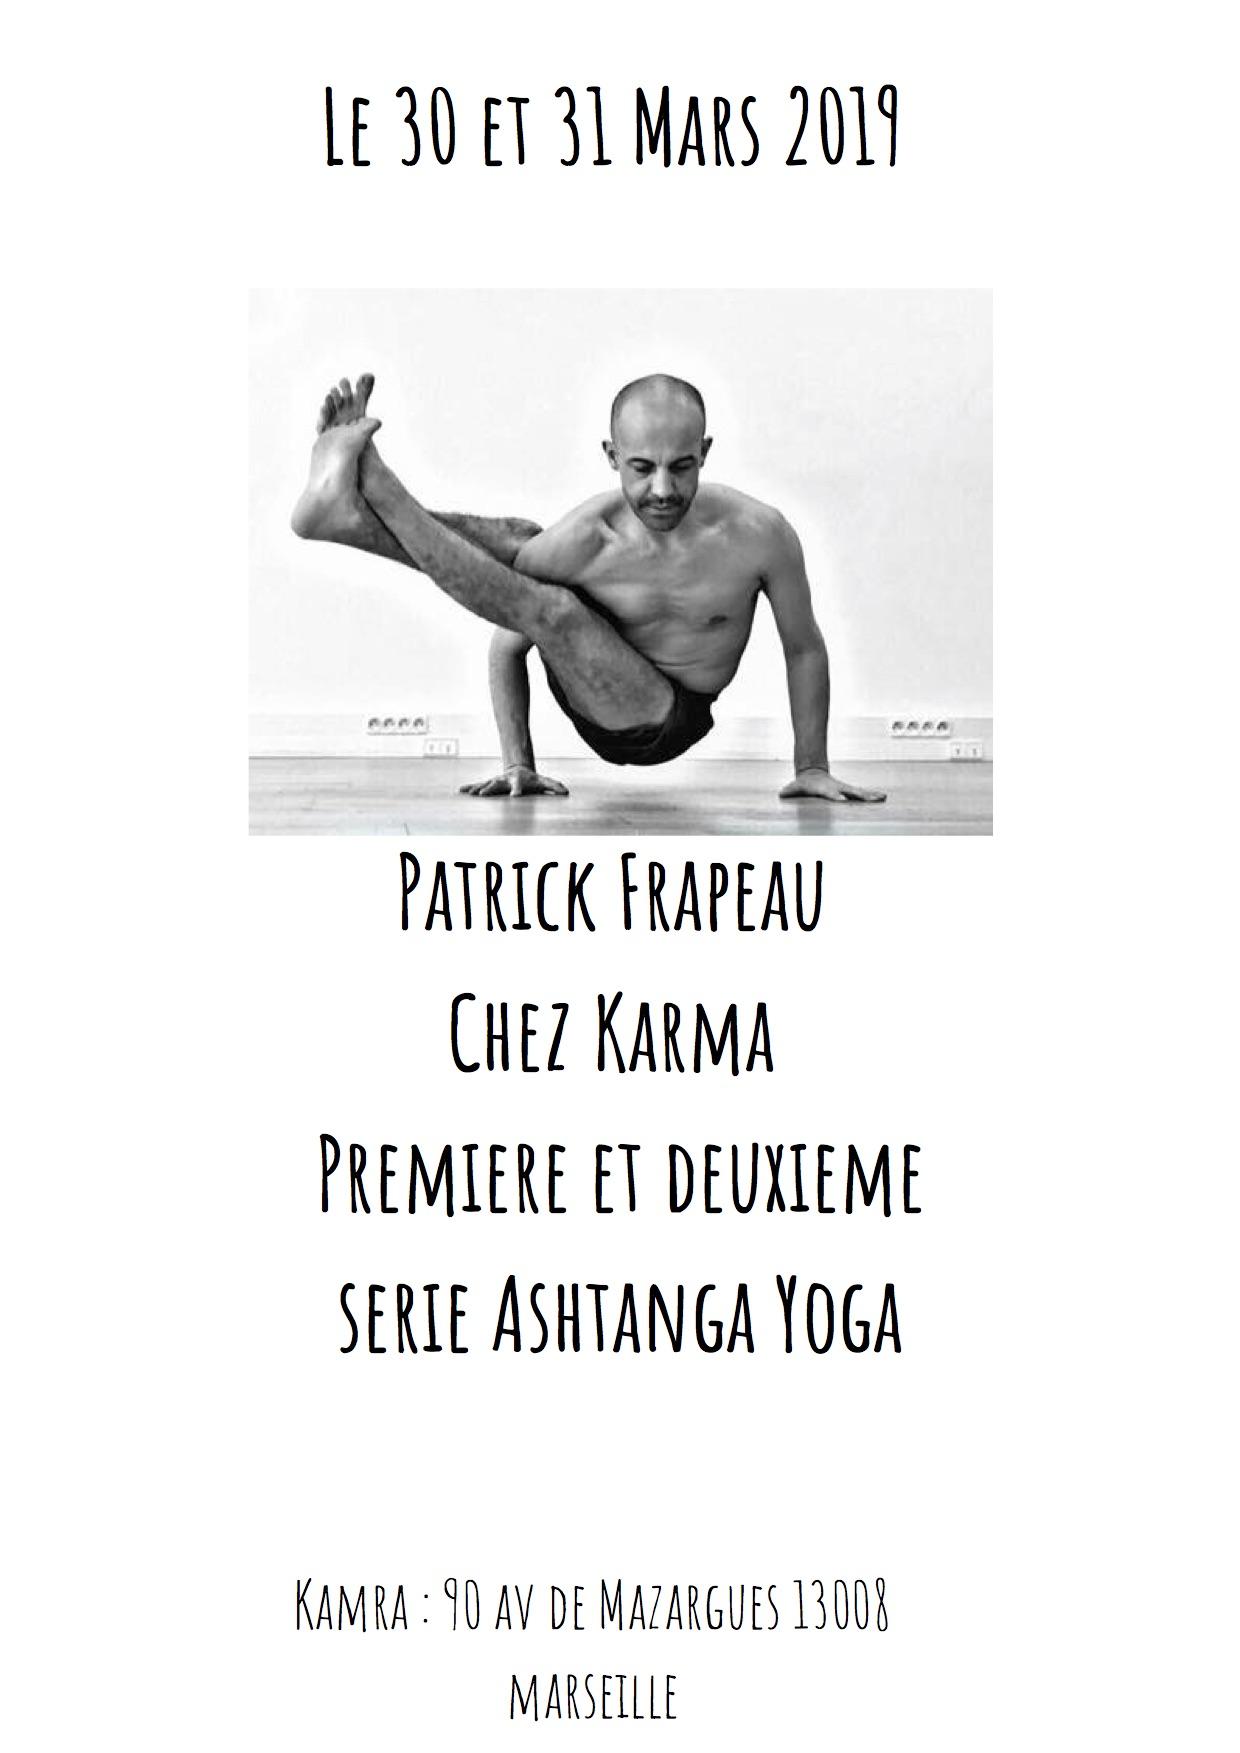 Patrick Frapeau Chez Karma Premiere et deuxieme serie Ashtanga Yoga - copie